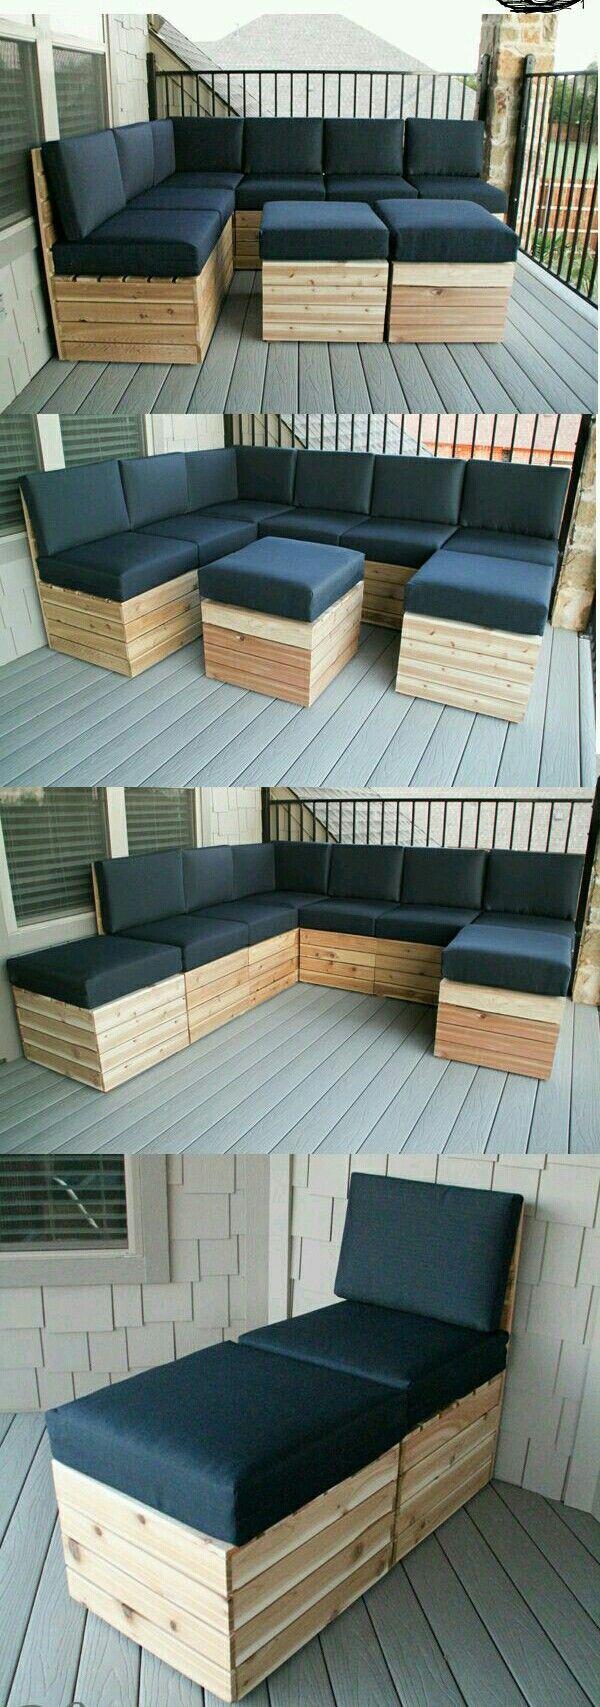 Pin von Jax auf Bench   Pinterest   Palettenmöbel, Gartenmoebel und ...